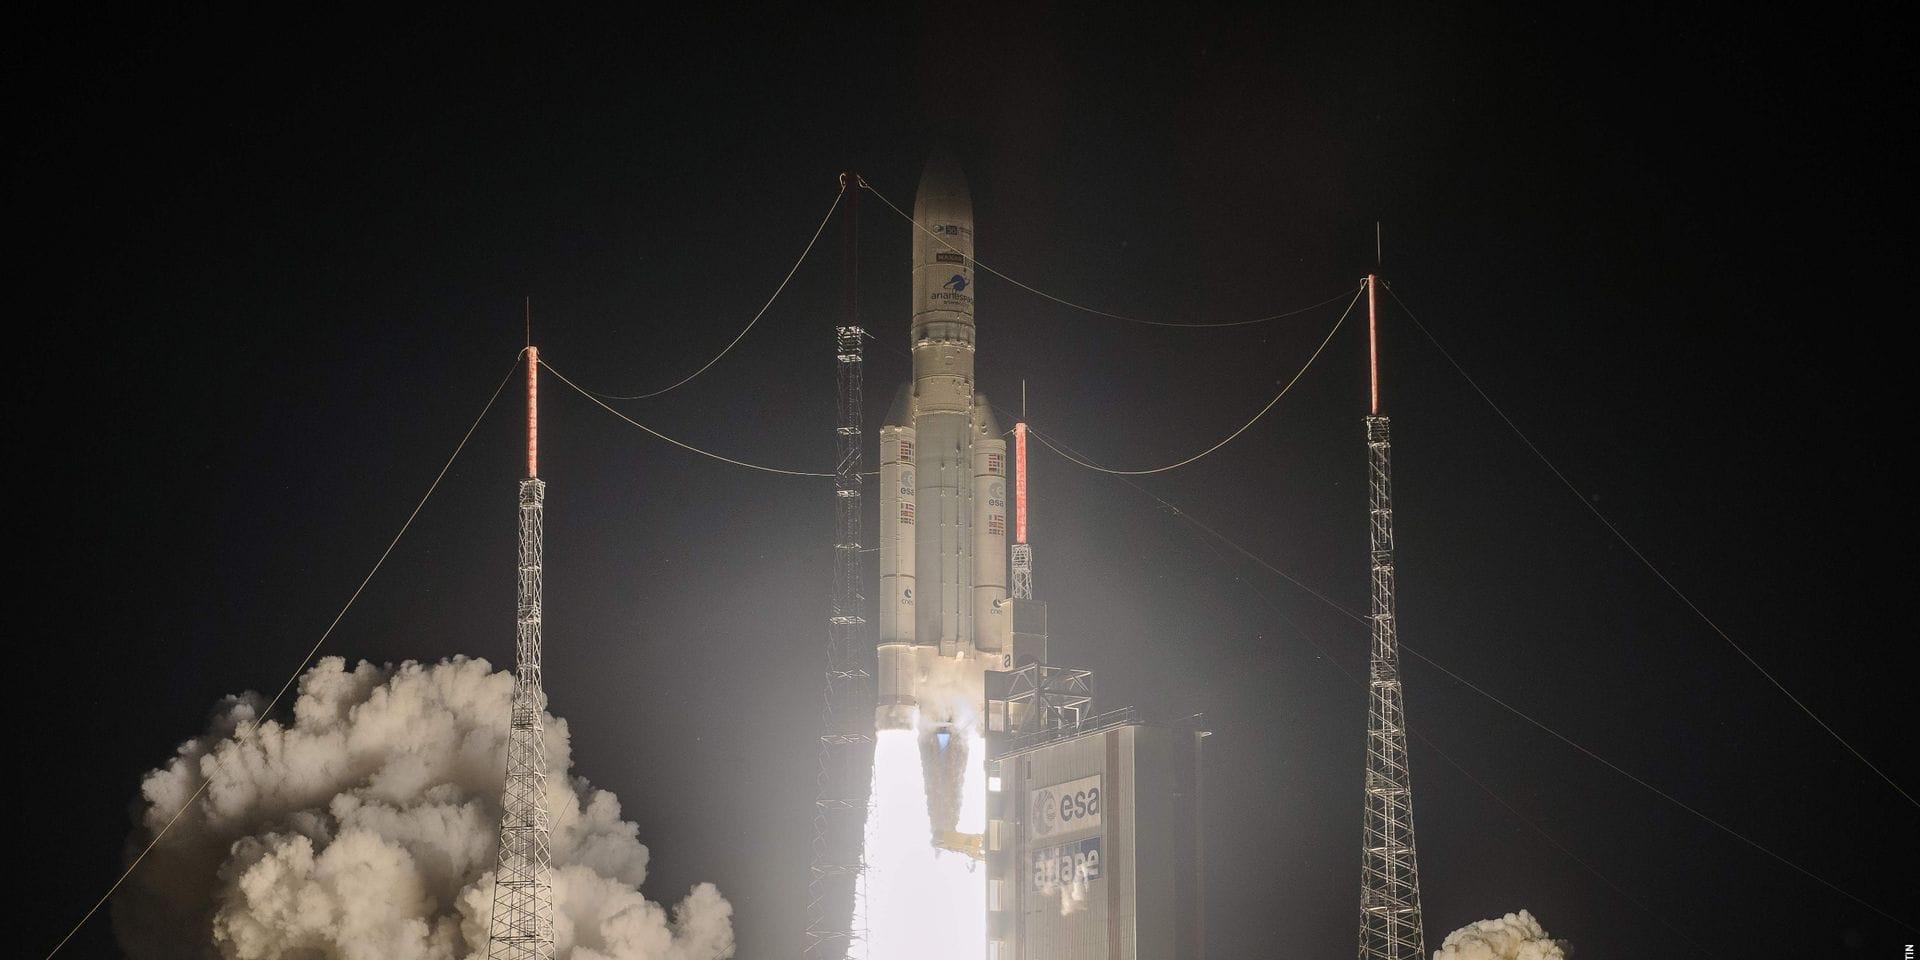 Après plusieurs reports, la fusée Ariane 5 a décollé avec succès